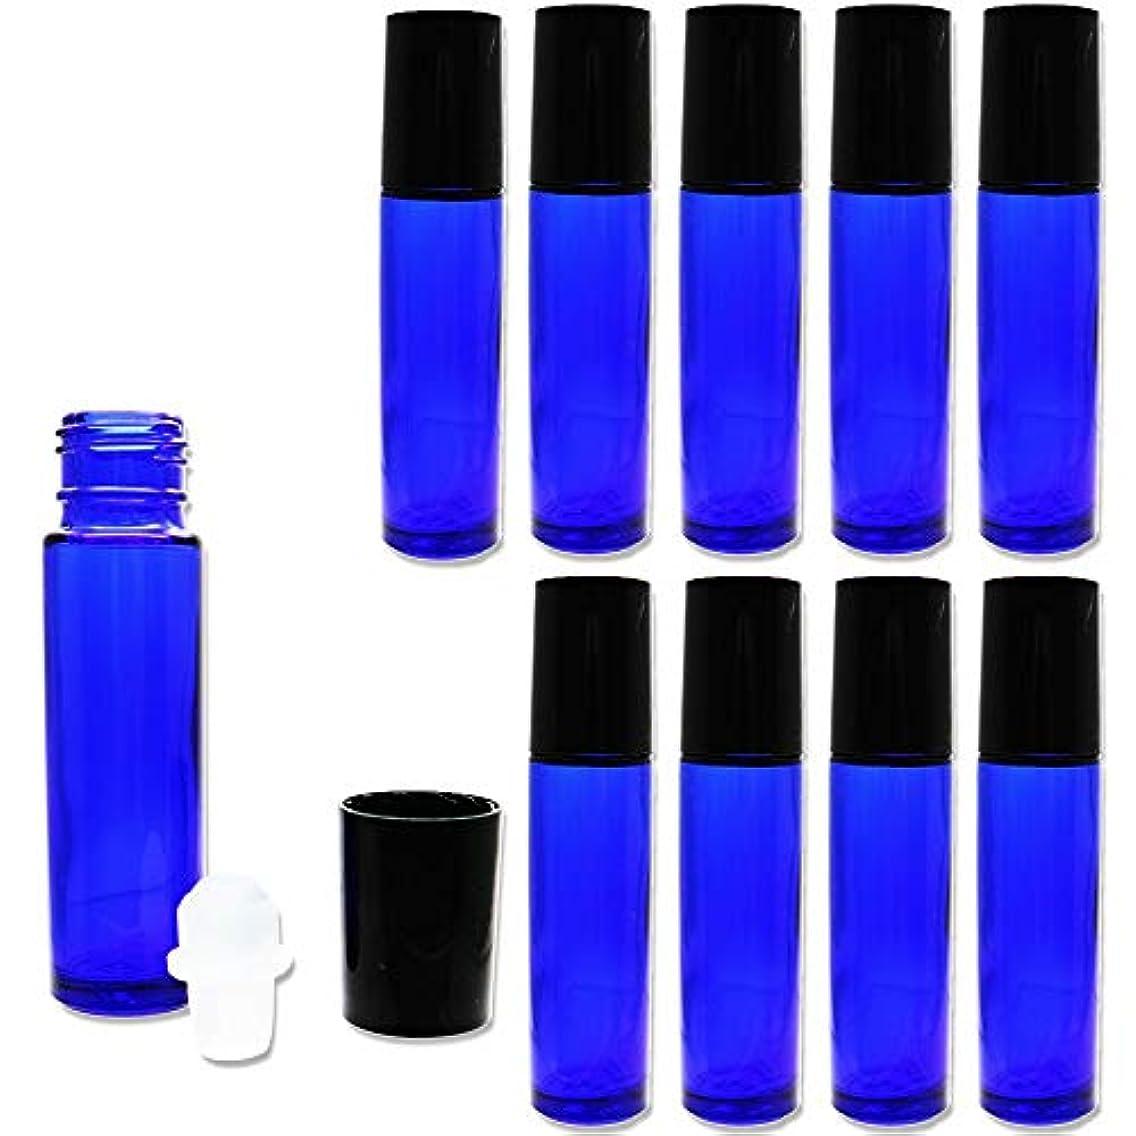 鋭く伝説ヒギンズ10本セット 10ml ロールオンボトル アロマオイル ガラスロール 遮光瓶 詰め替え